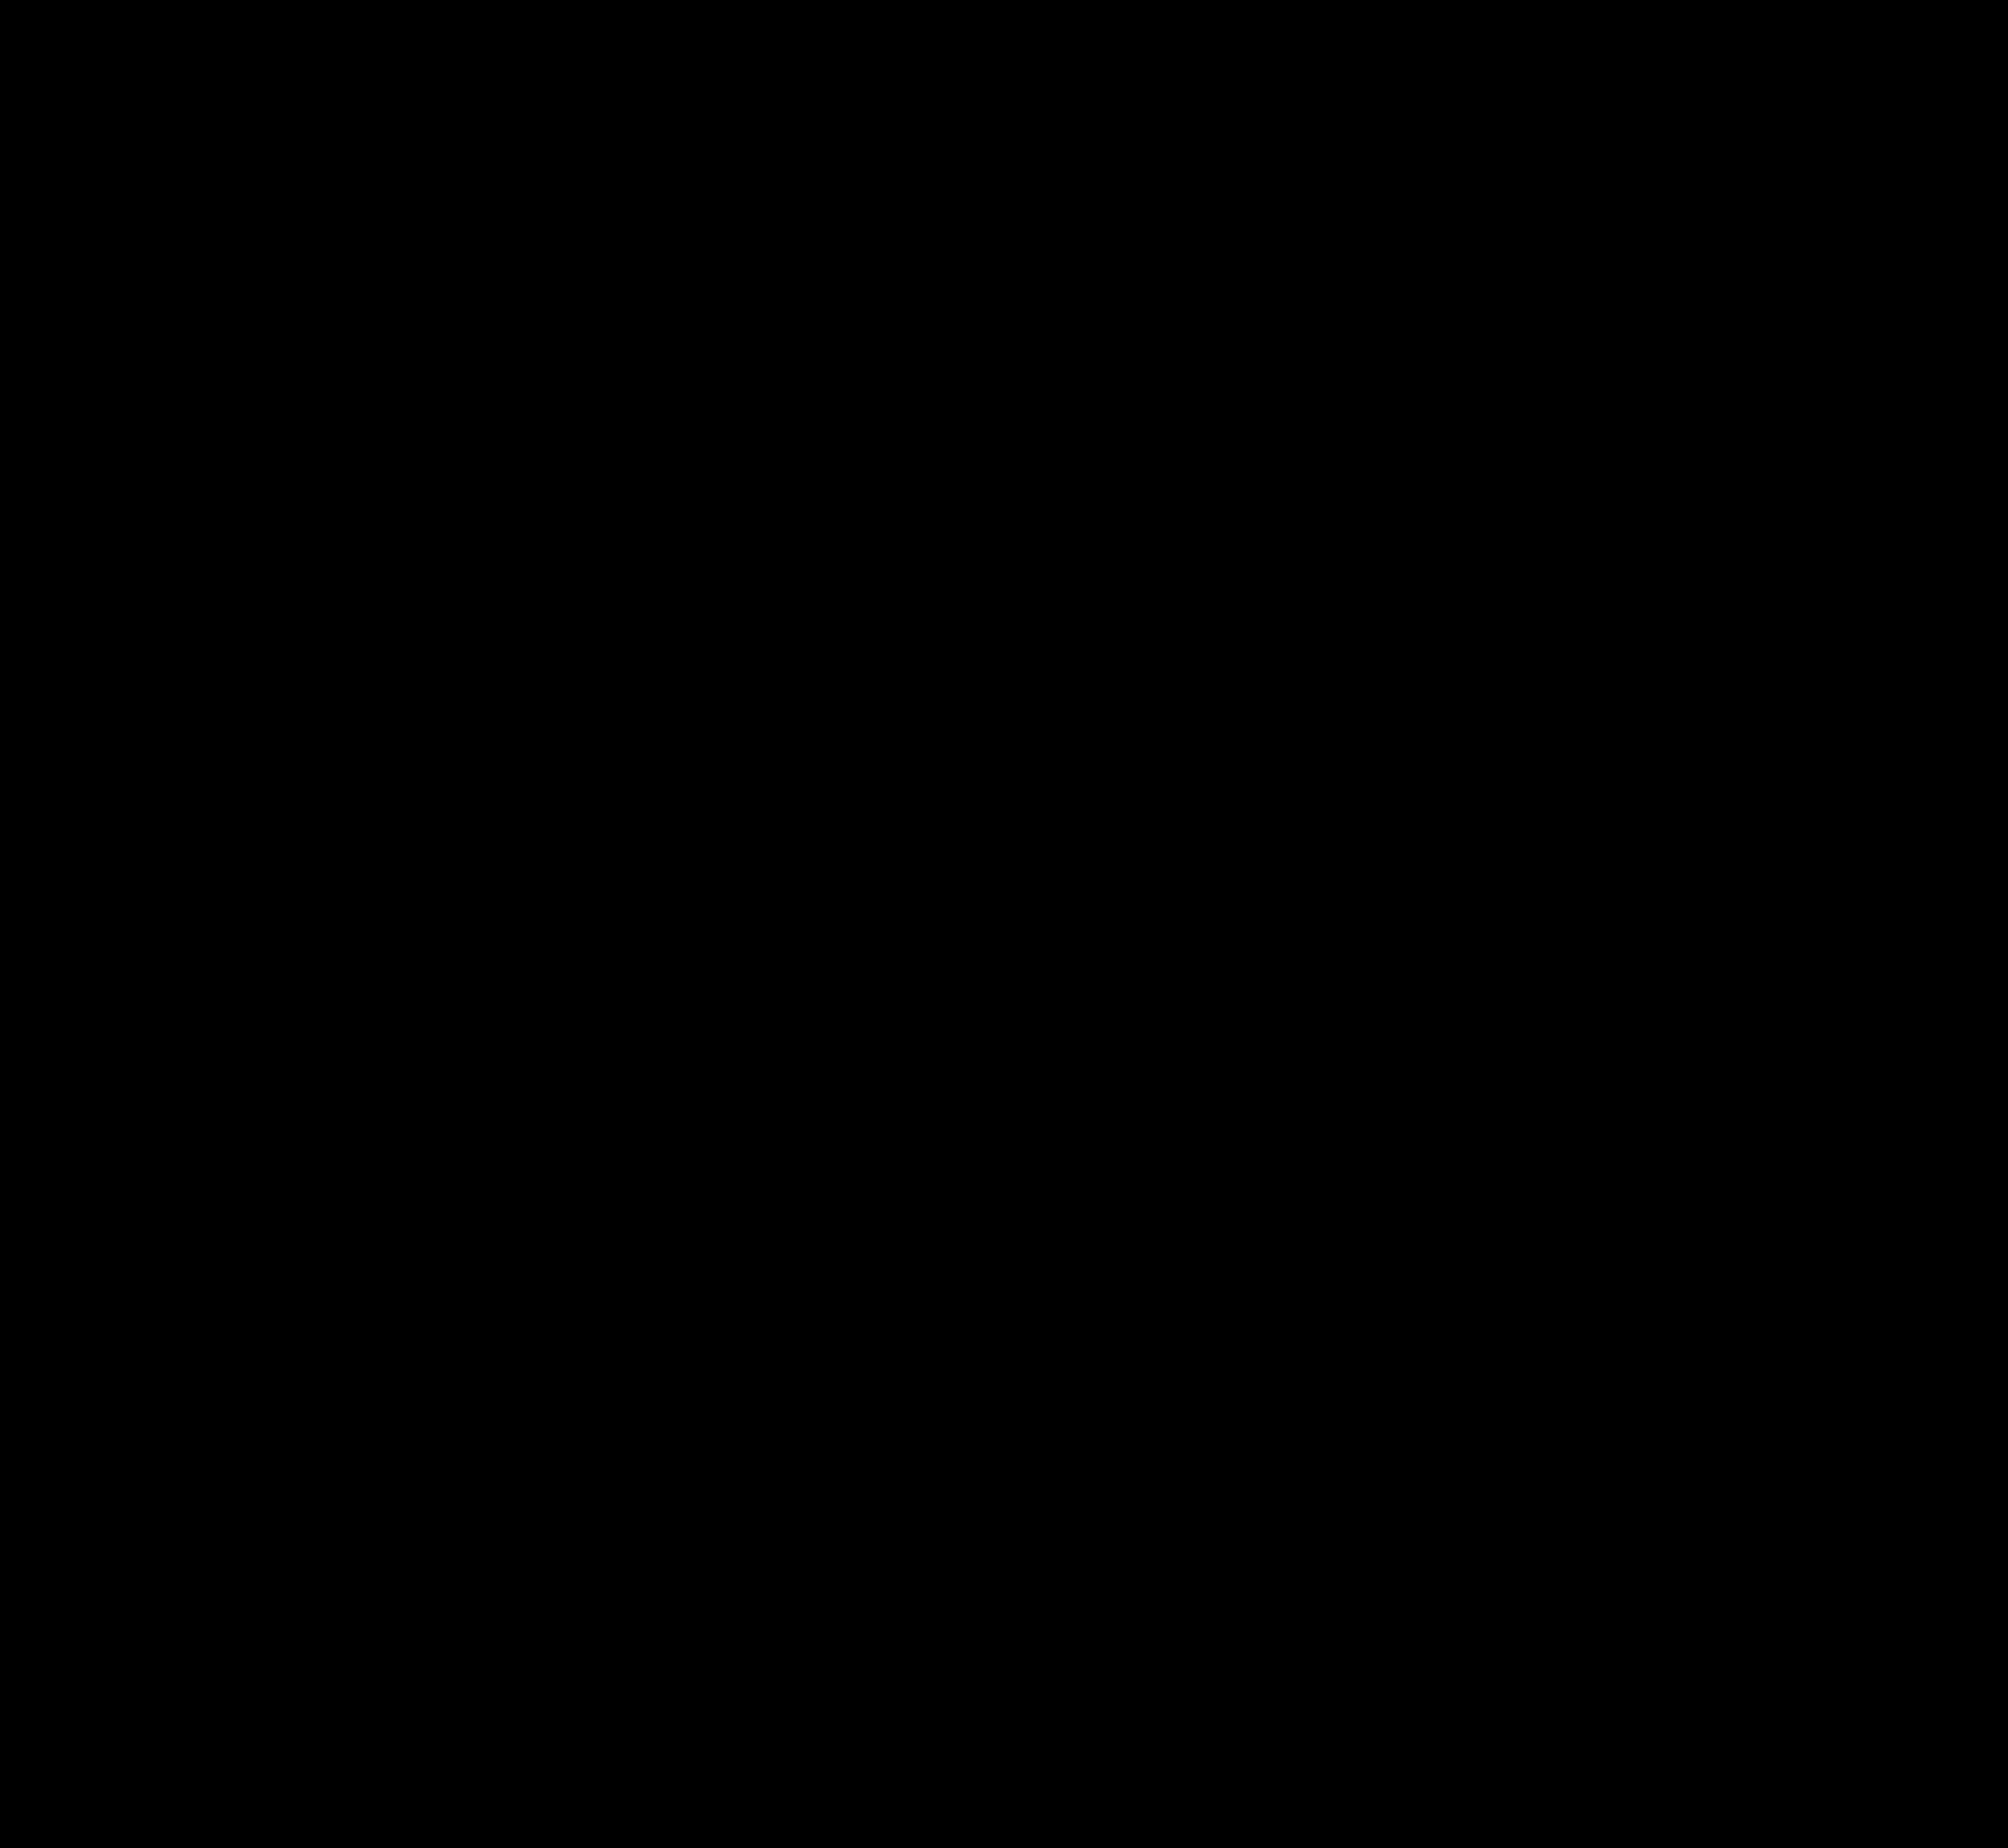 Clipart celtic knot